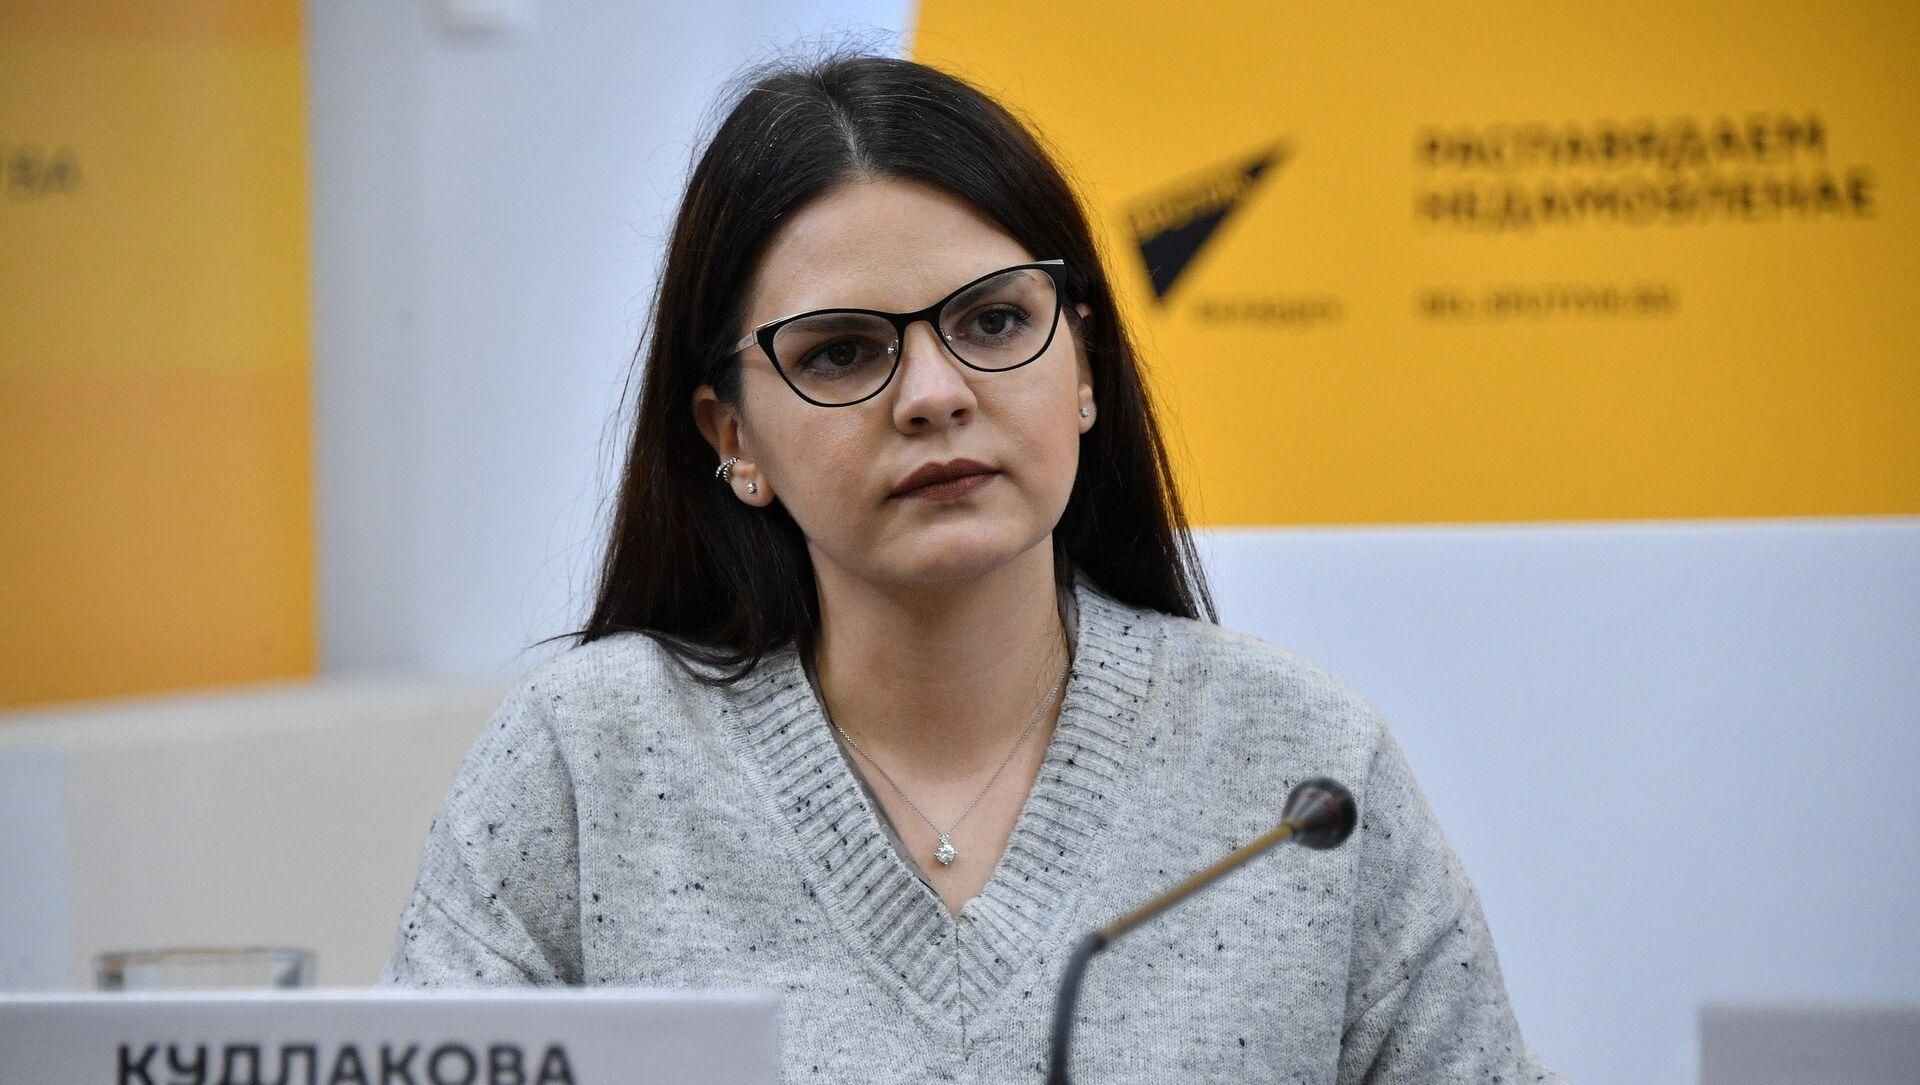 Председатель правления Республиканской ассоциации туристических агентств (РАТА) Елена Кудлакова - Sputnik Беларусь, 1920, 14.04.2021